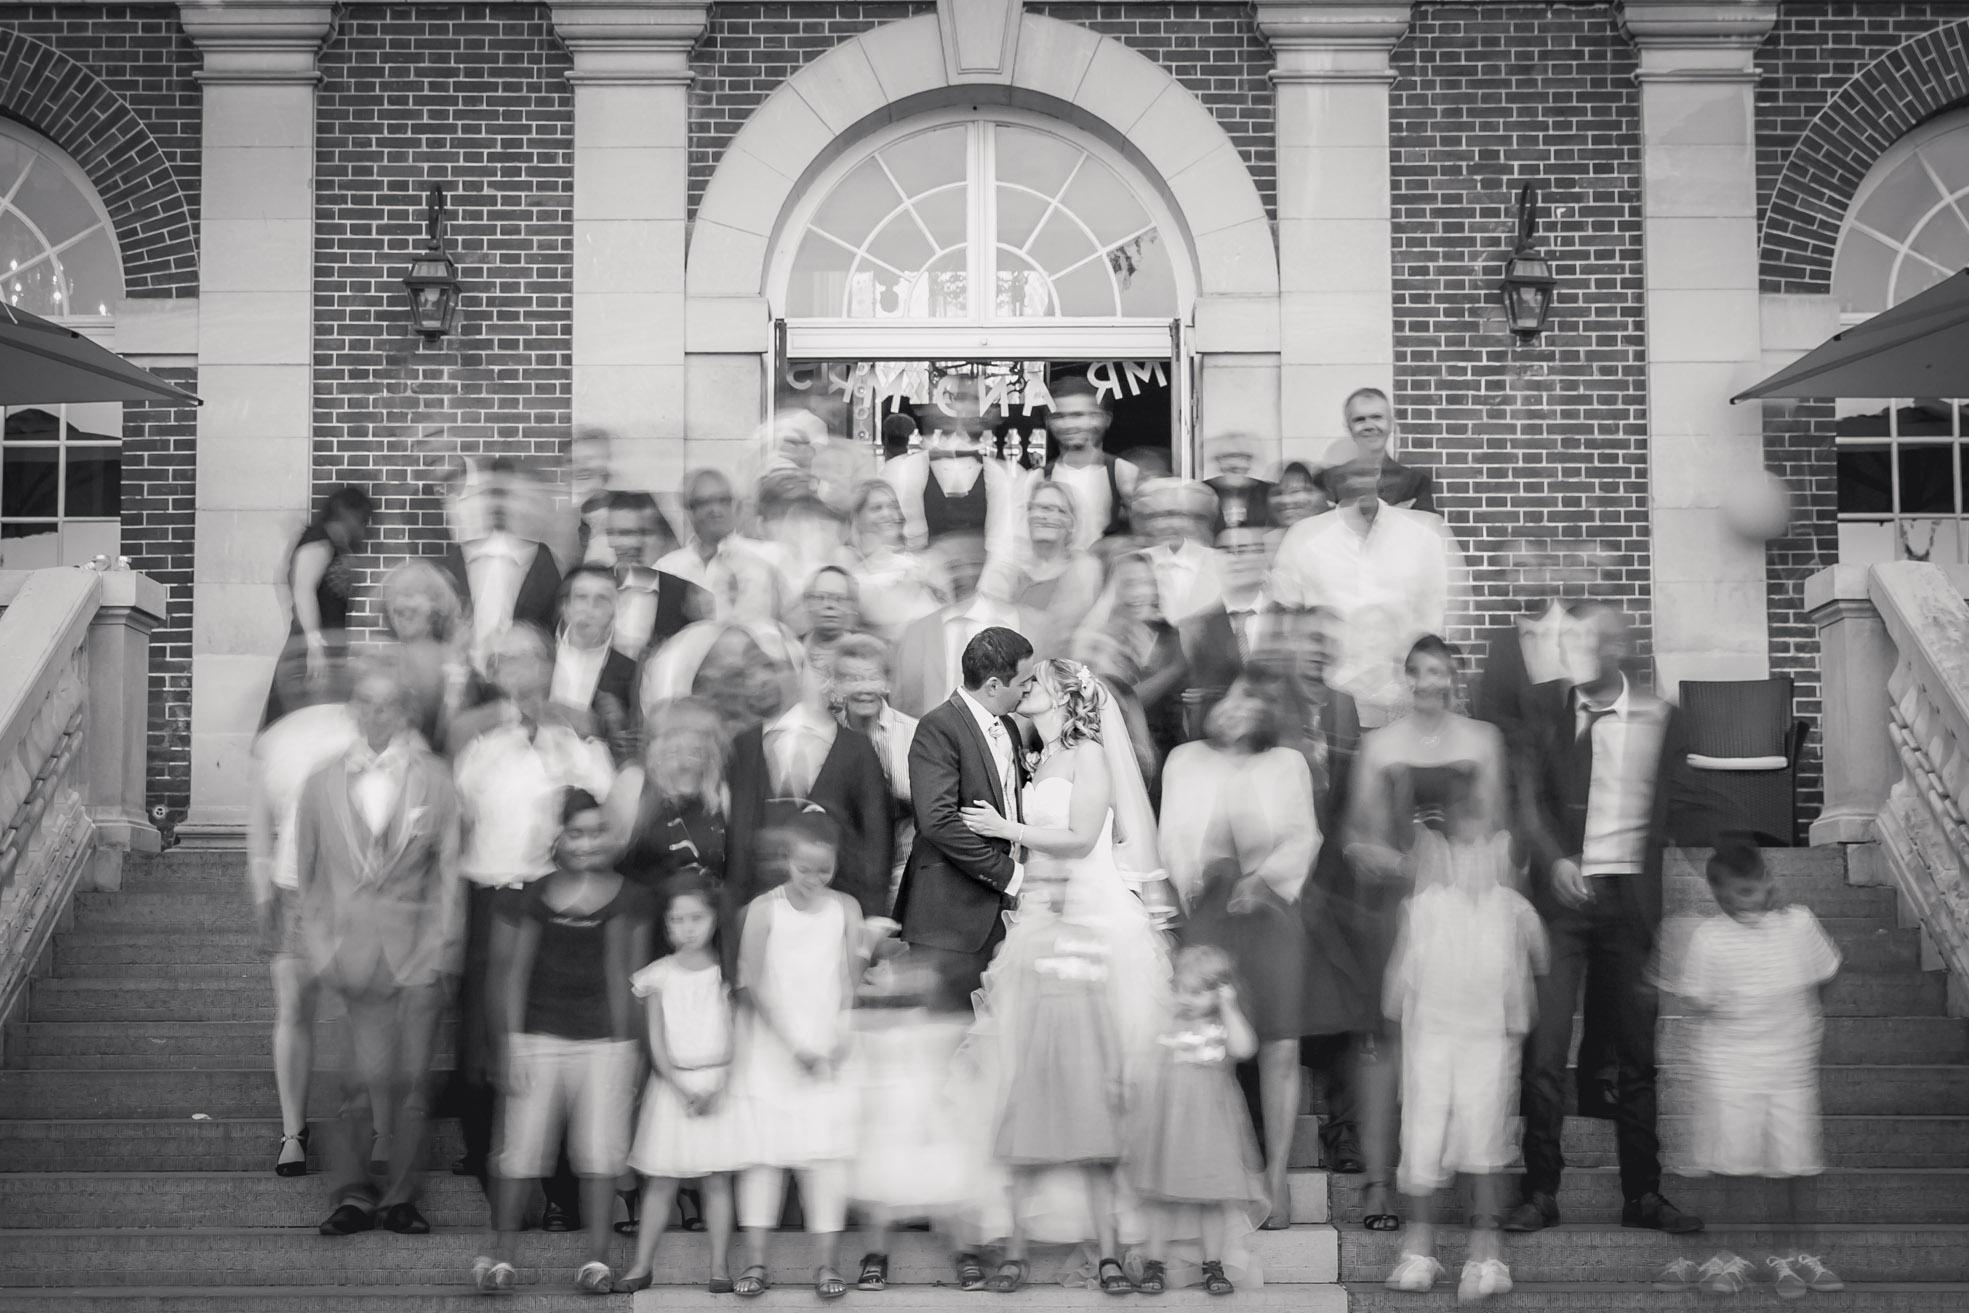 photographe mariage ile de france, jean-Baptiste Chauvin, photographe de mariage, photographe idf, www.studioart-photographe.fr, photographe mariage 75, photographe mariage Versailles, photographe mariage paris